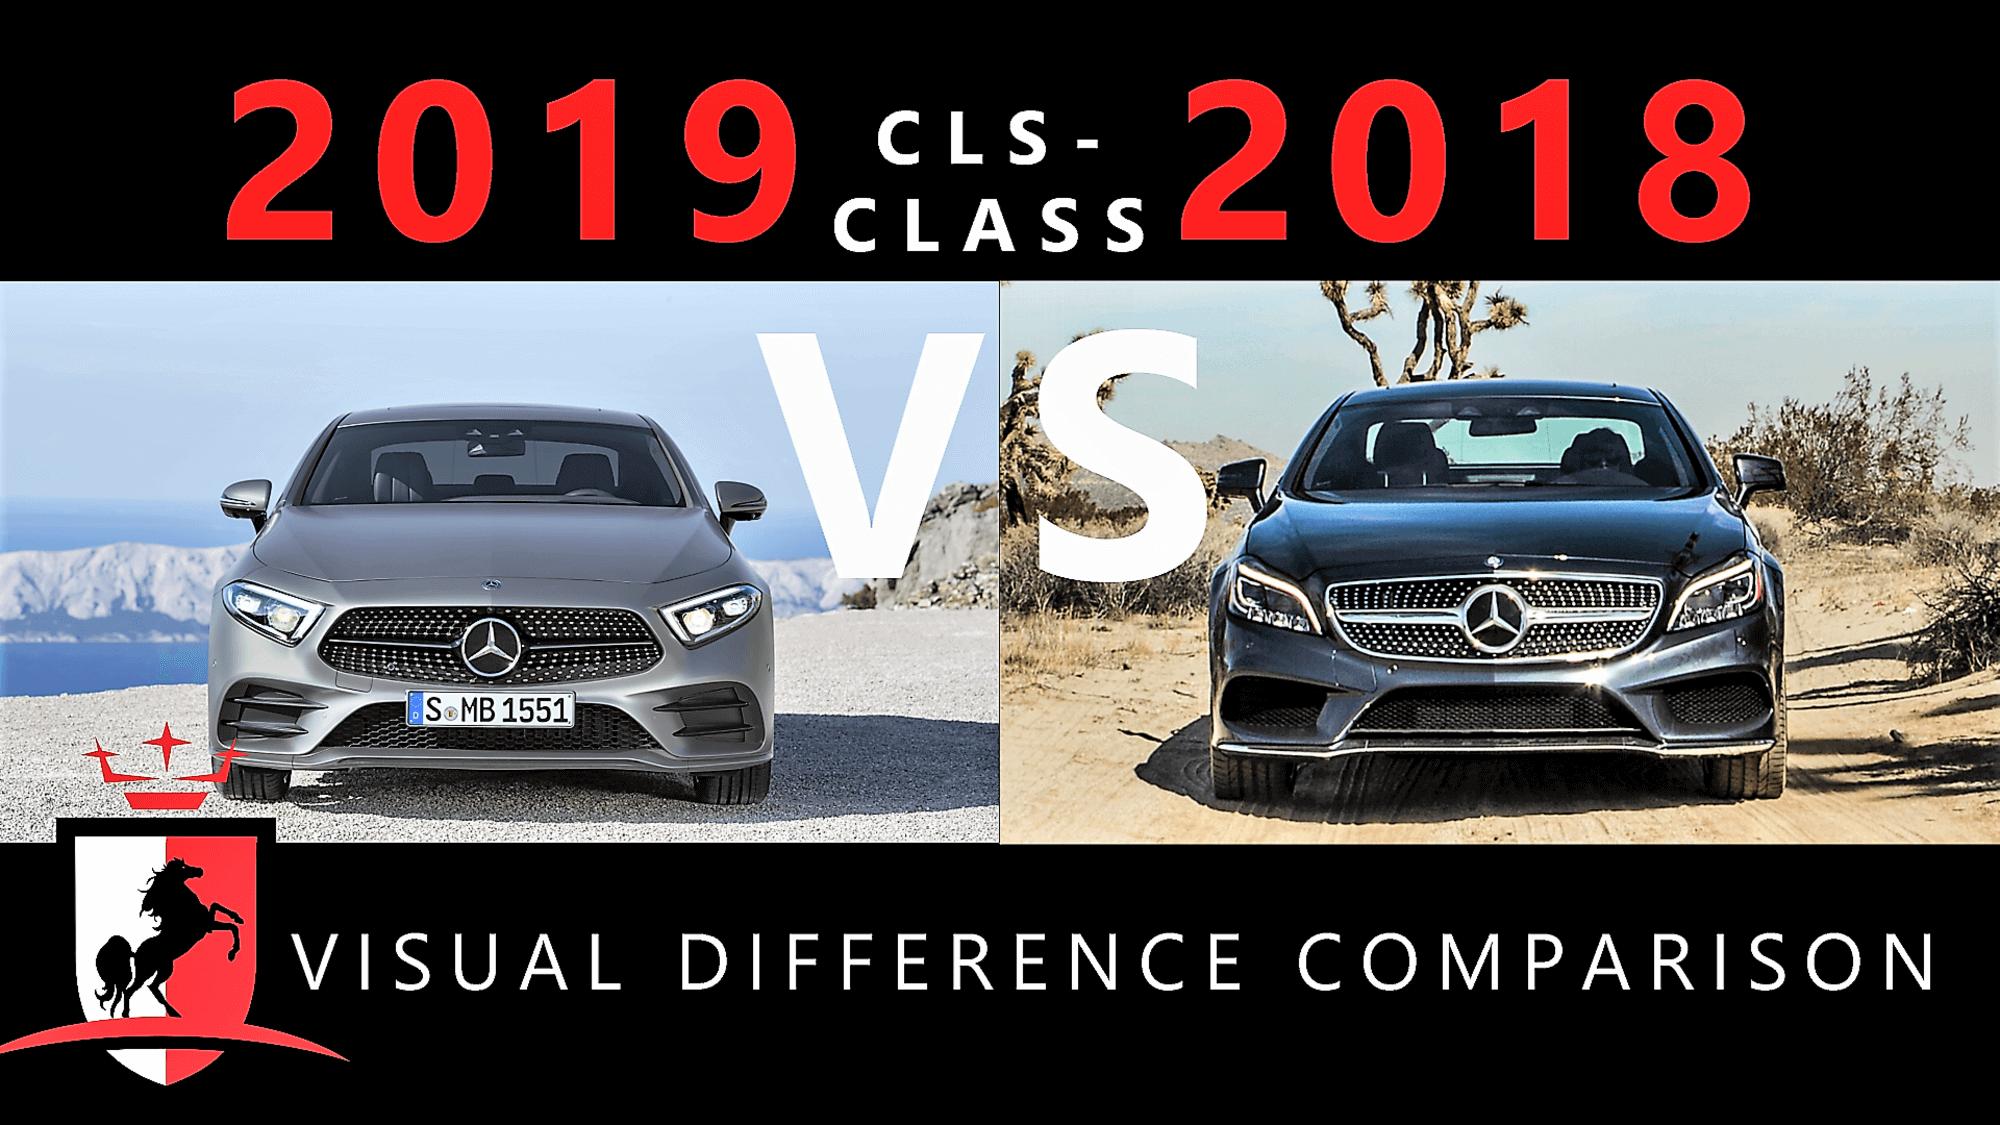 2019 Mercedes CLS-Class